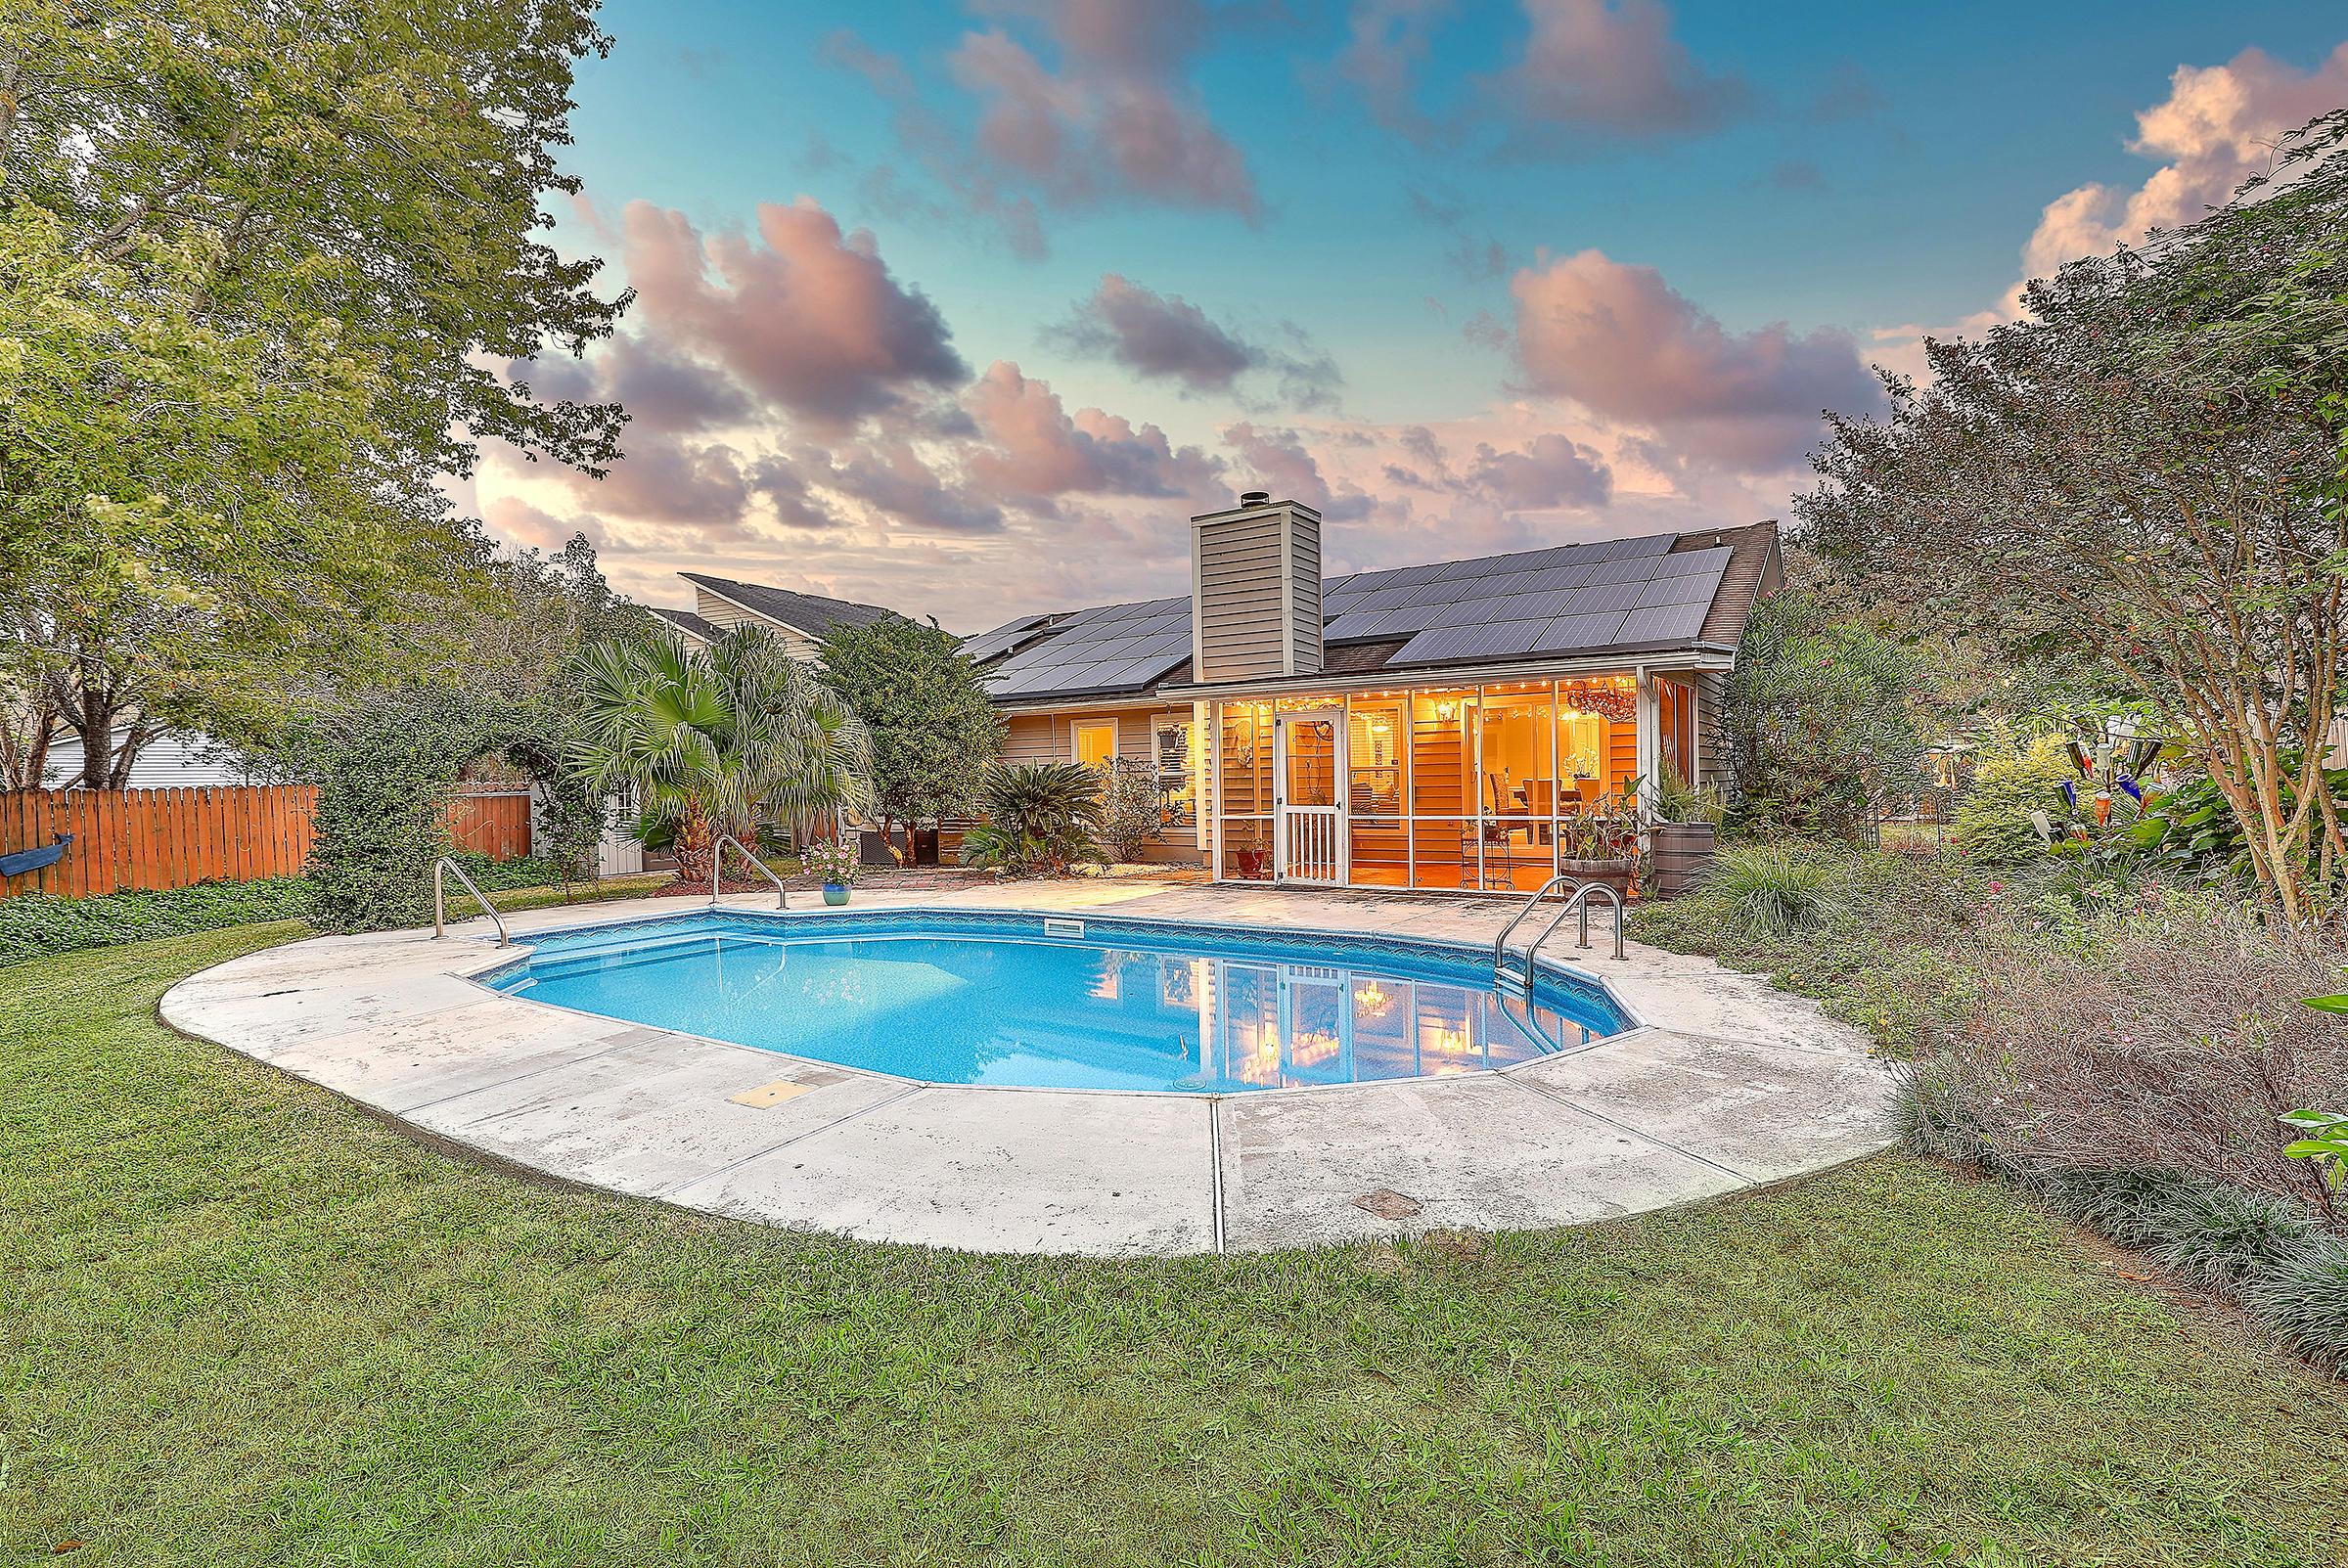 Coopers Landing Homes For Sale - 1474 Hidden Bridge, Mount Pleasant, SC - 28